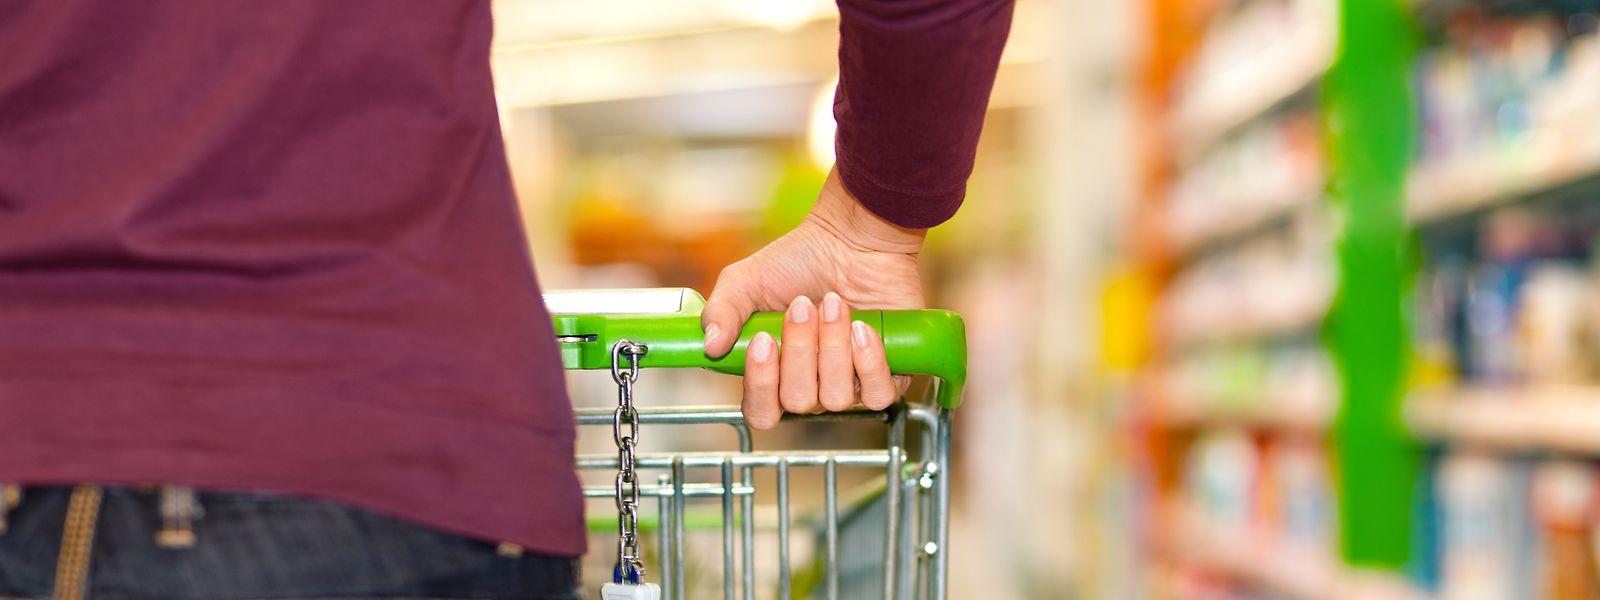 L'augmentation du nombre de résidents et de la clientèle frontalière pousse les grandes enseignes à multiplier leurs points de vente.